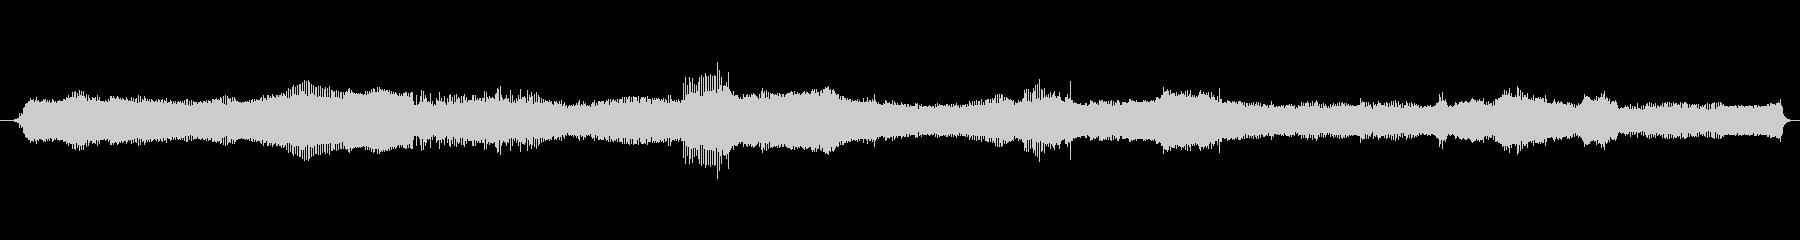 家庭 かみそりのロードPOVショート01の未再生の波形